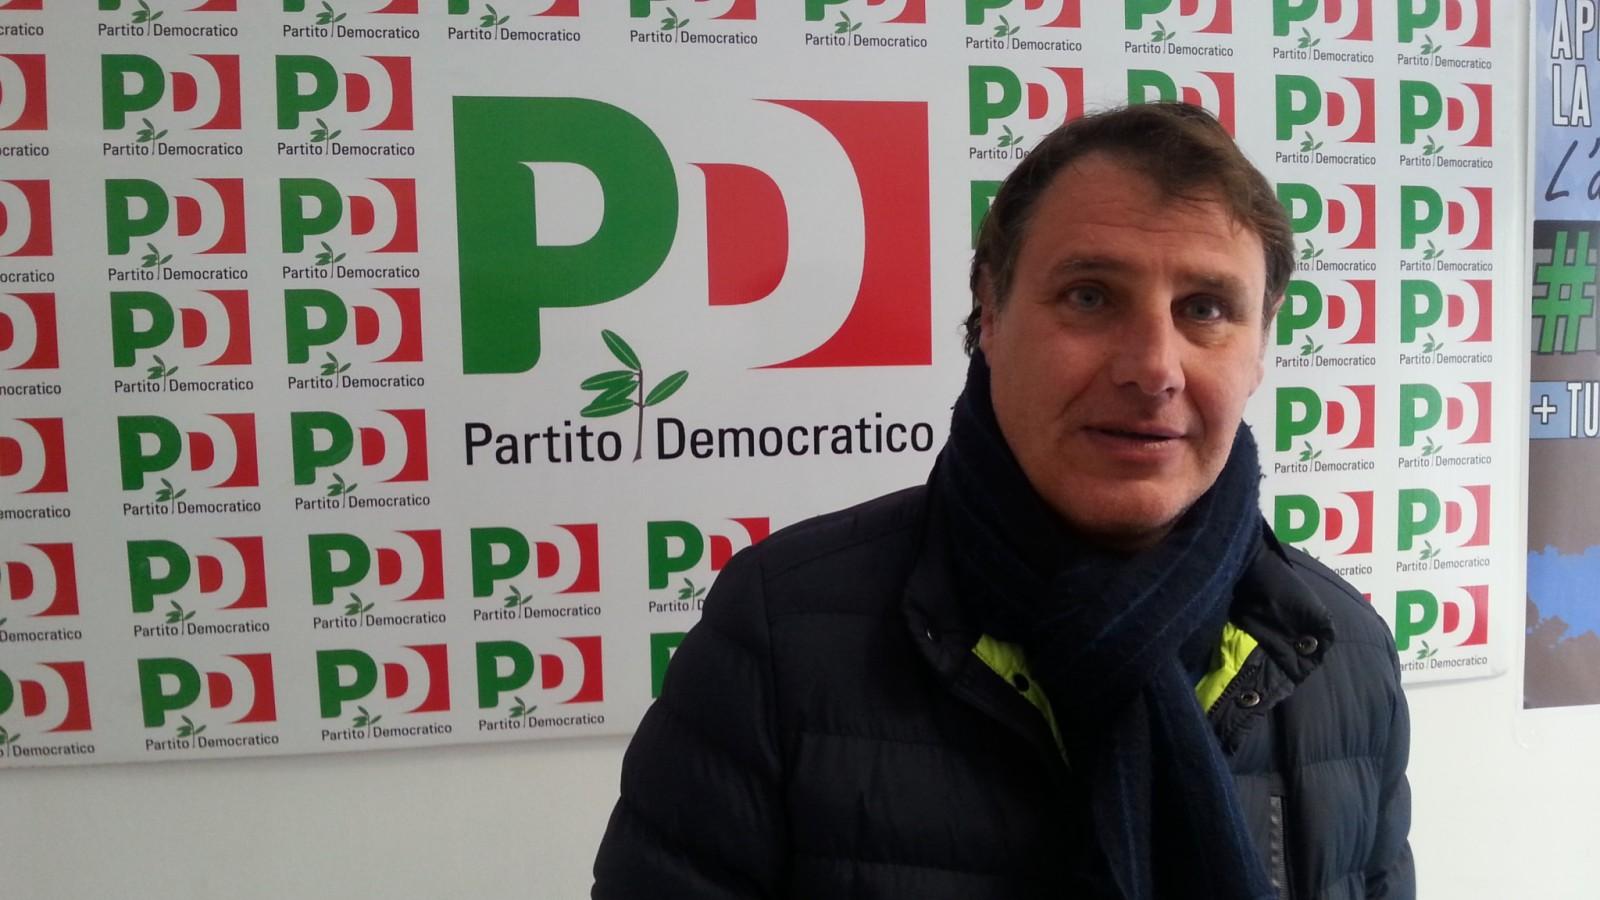 Lepore replica a Del Vecchio: primarie per sconfitta oligarchie